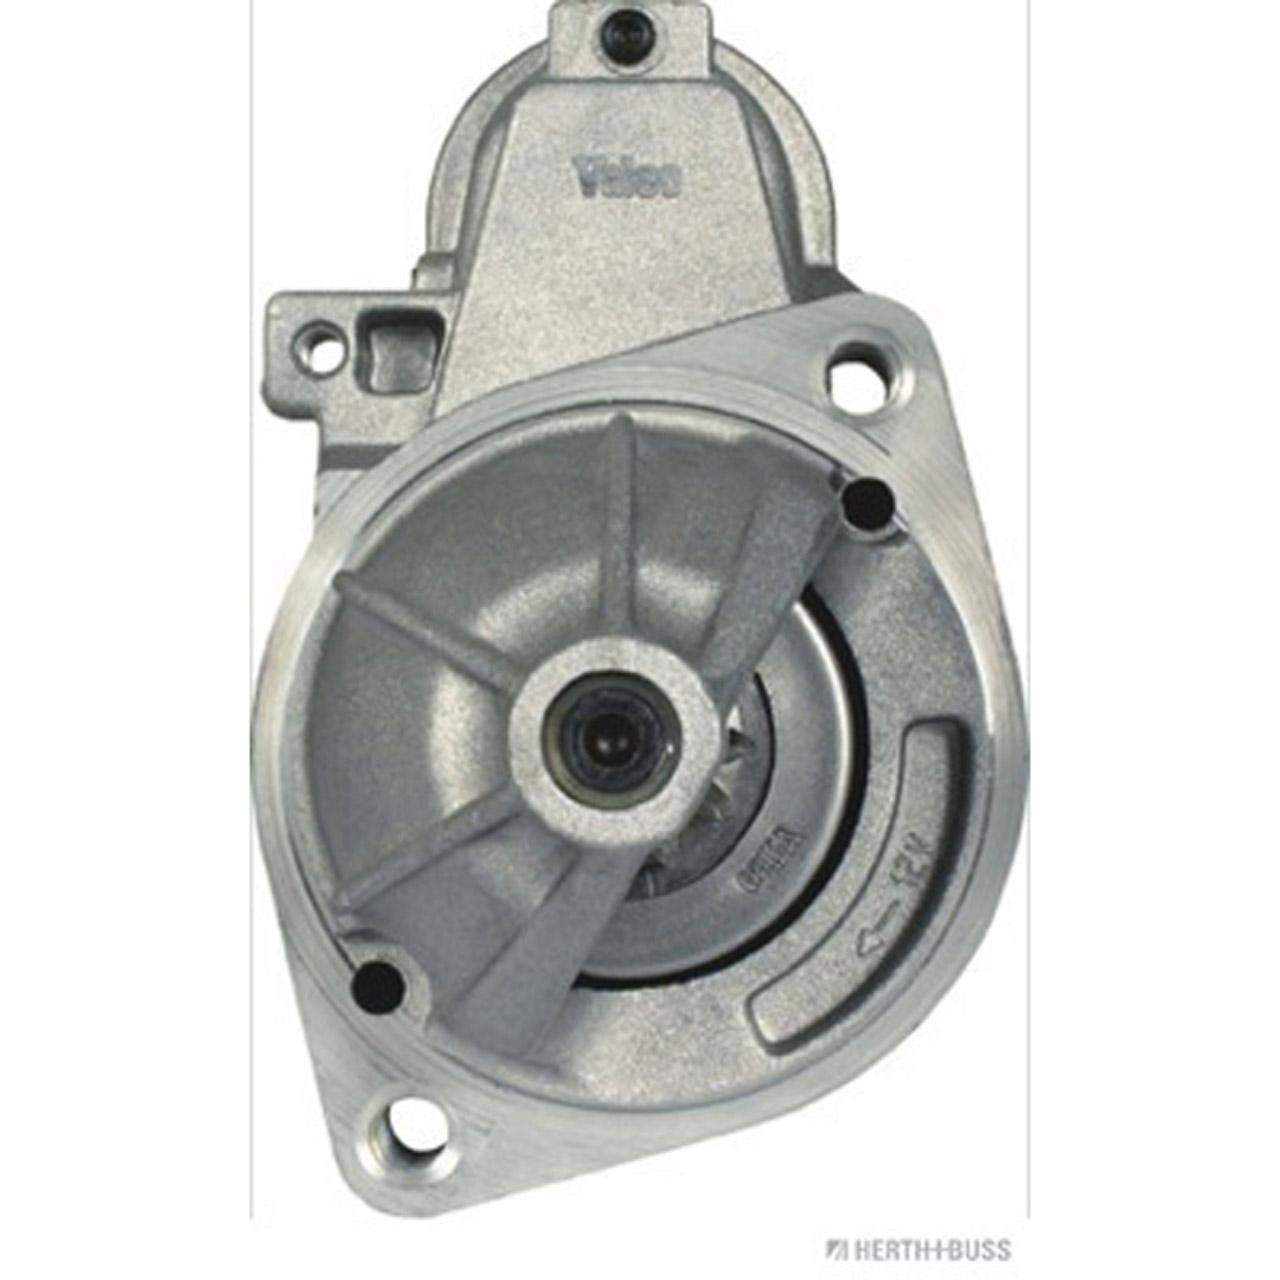 HERTH+BUSS Anlasser Starter 12V 2,0kW für MERCEDES W202 W203 W210 W211 SPRINTER